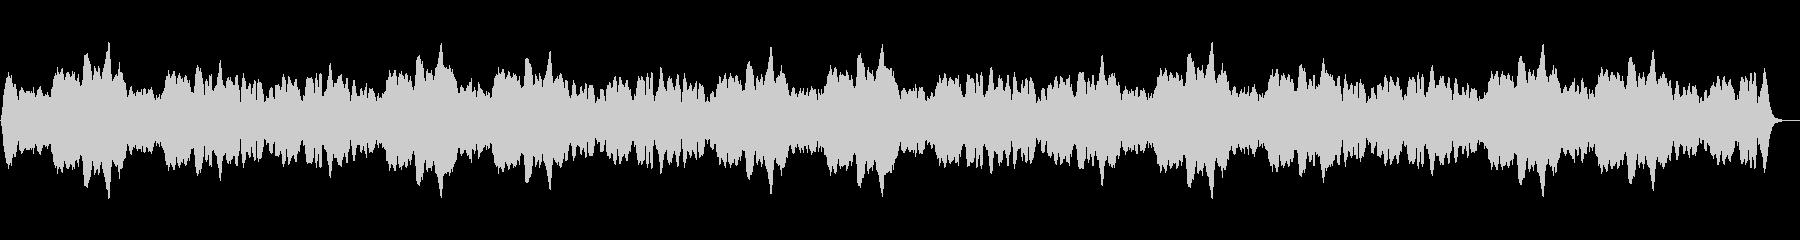 ゆったりとしたヒーリング音楽(水の音)の未再生の波形